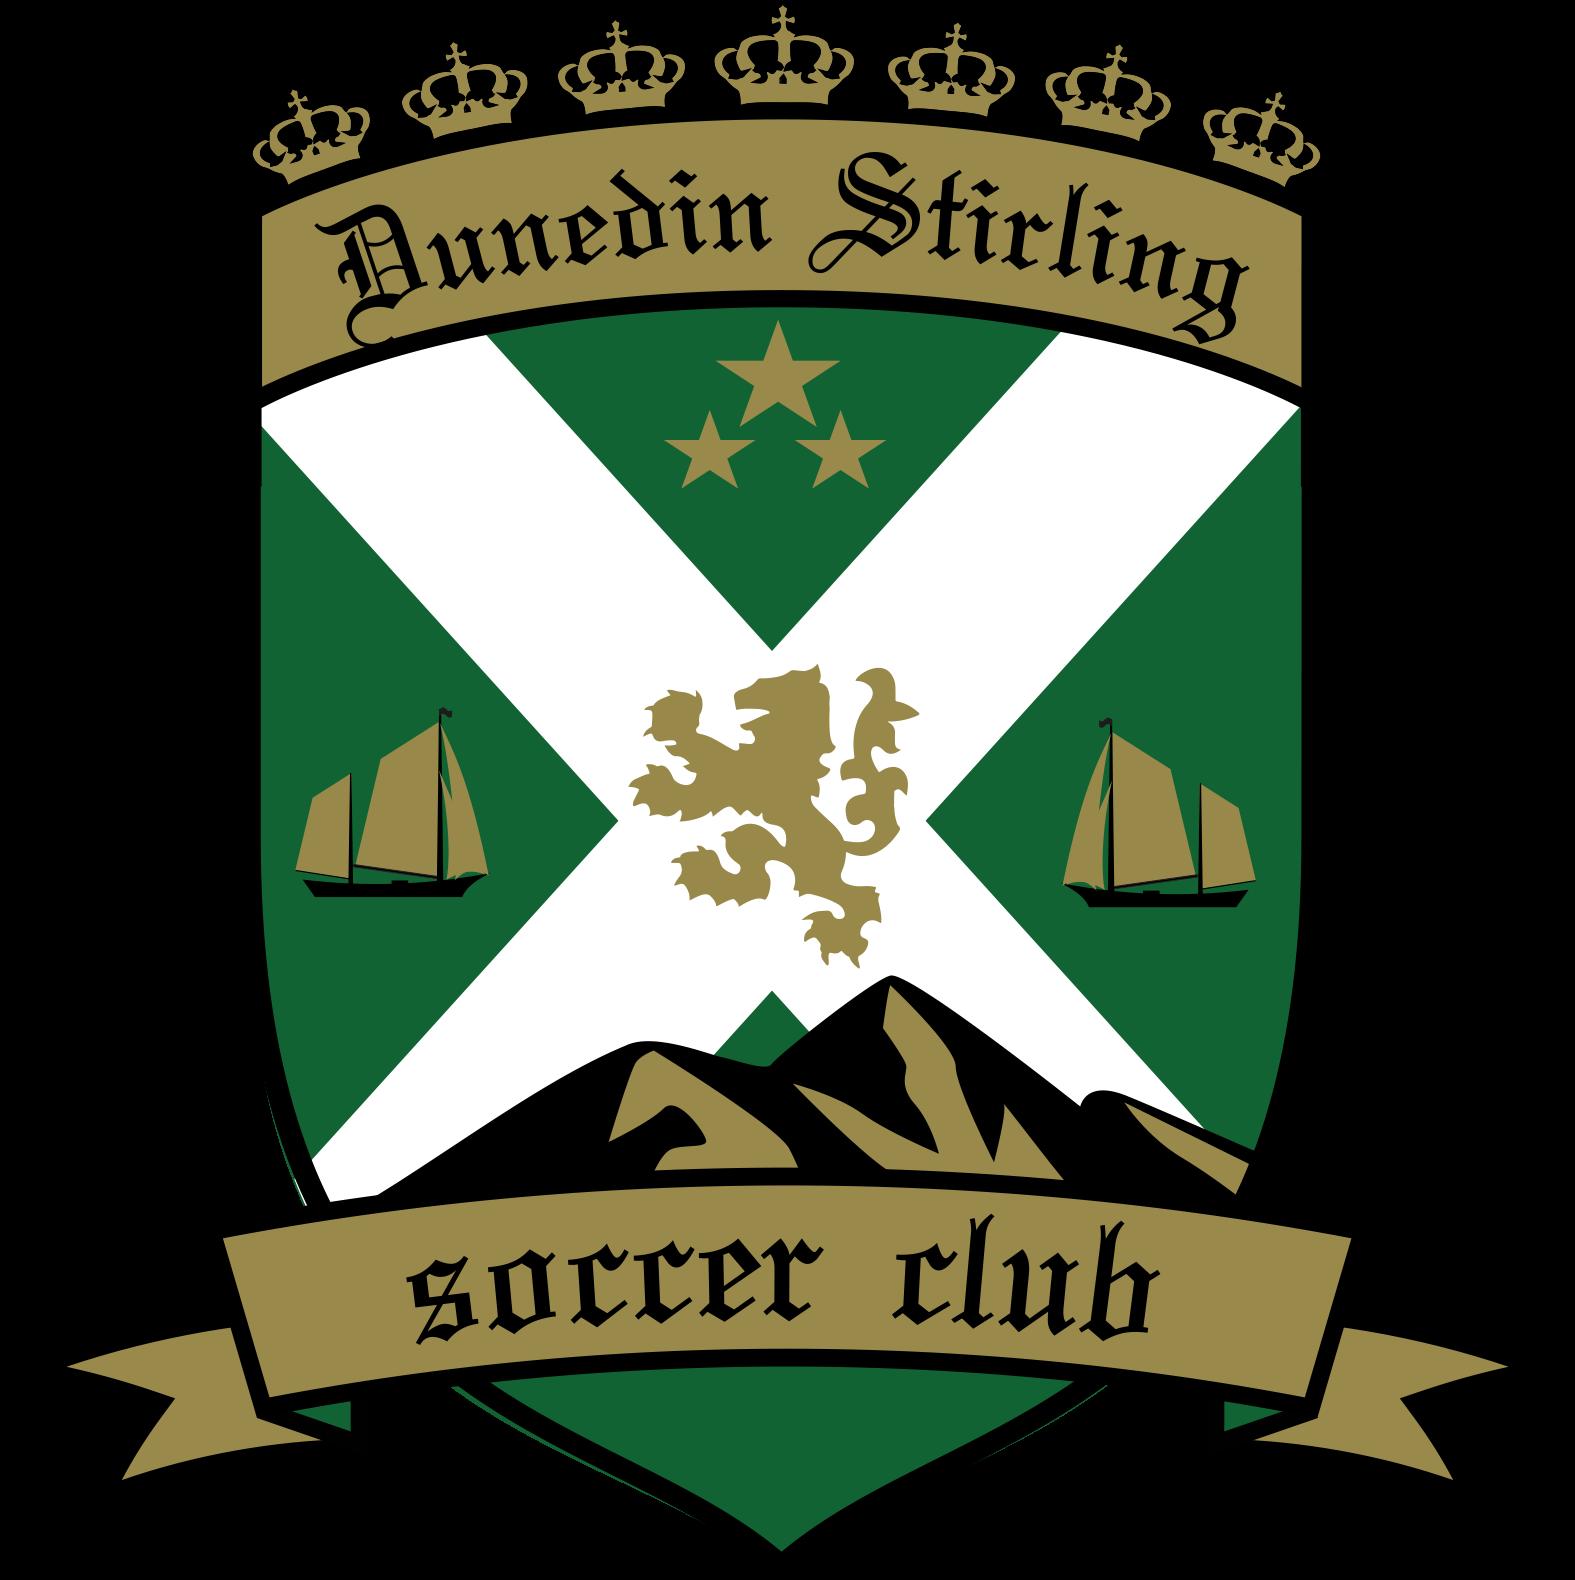 Volunteering clipart soccer. Dunedin stirling club volunteer